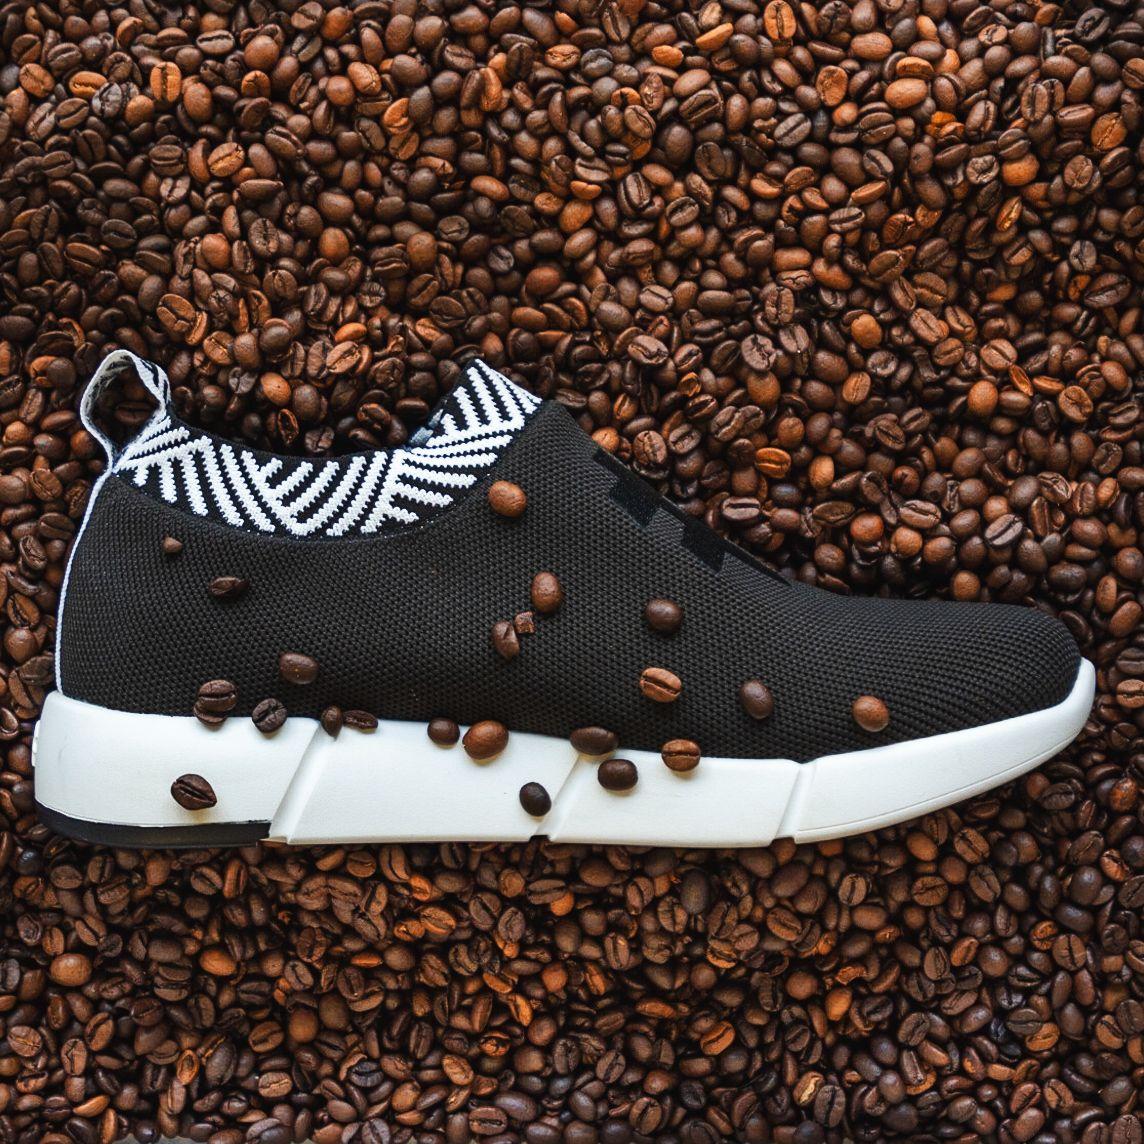 9X Việt làm giày từ bã cà phê được Forbes vinh danh nói gì khi bị tố bóc lột, huỷ hợp đồng dồn đồng hương vào đường cùng?-1